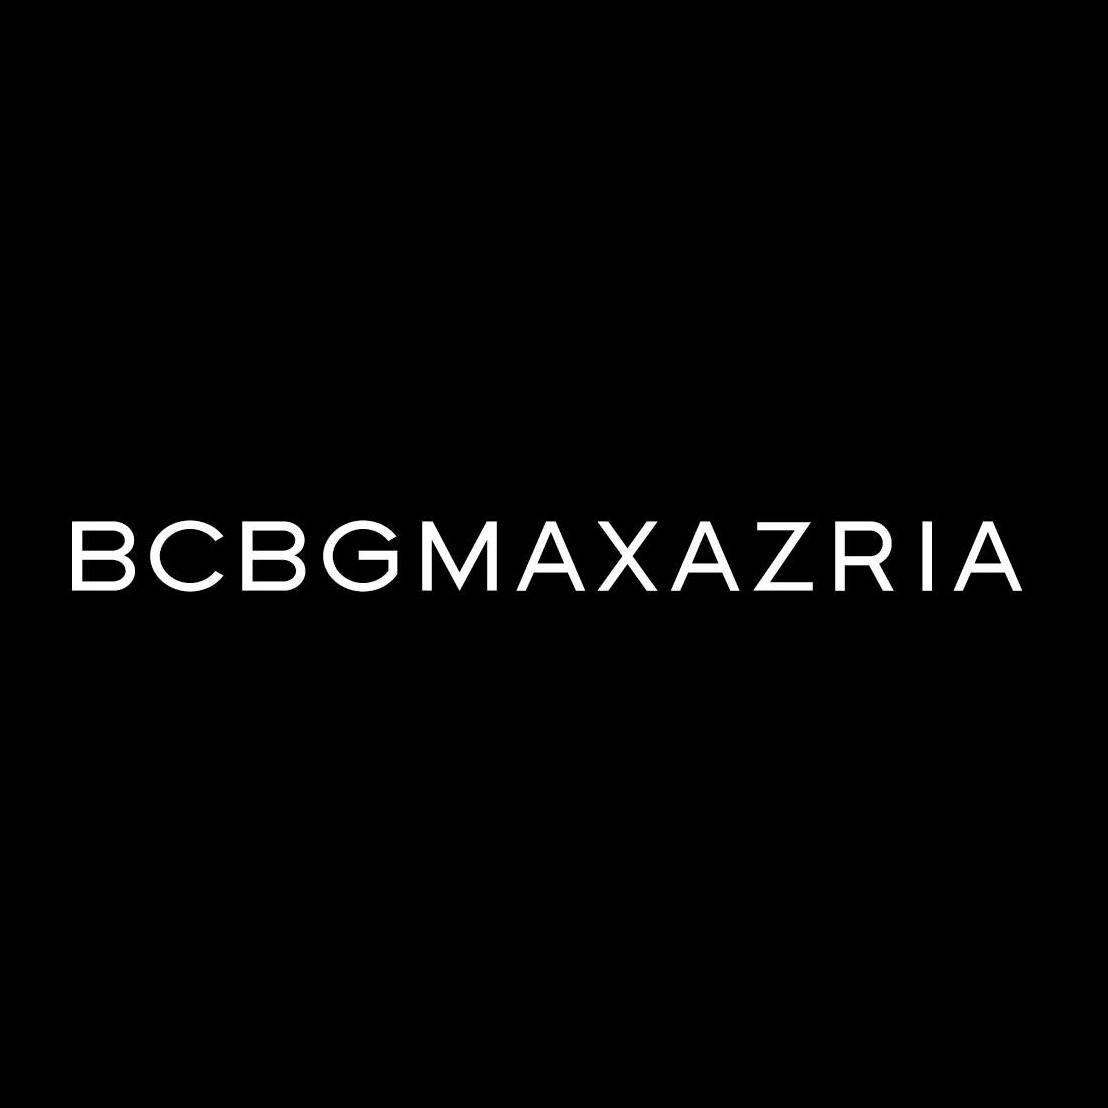 بي سي بي جي ماكس أزريا